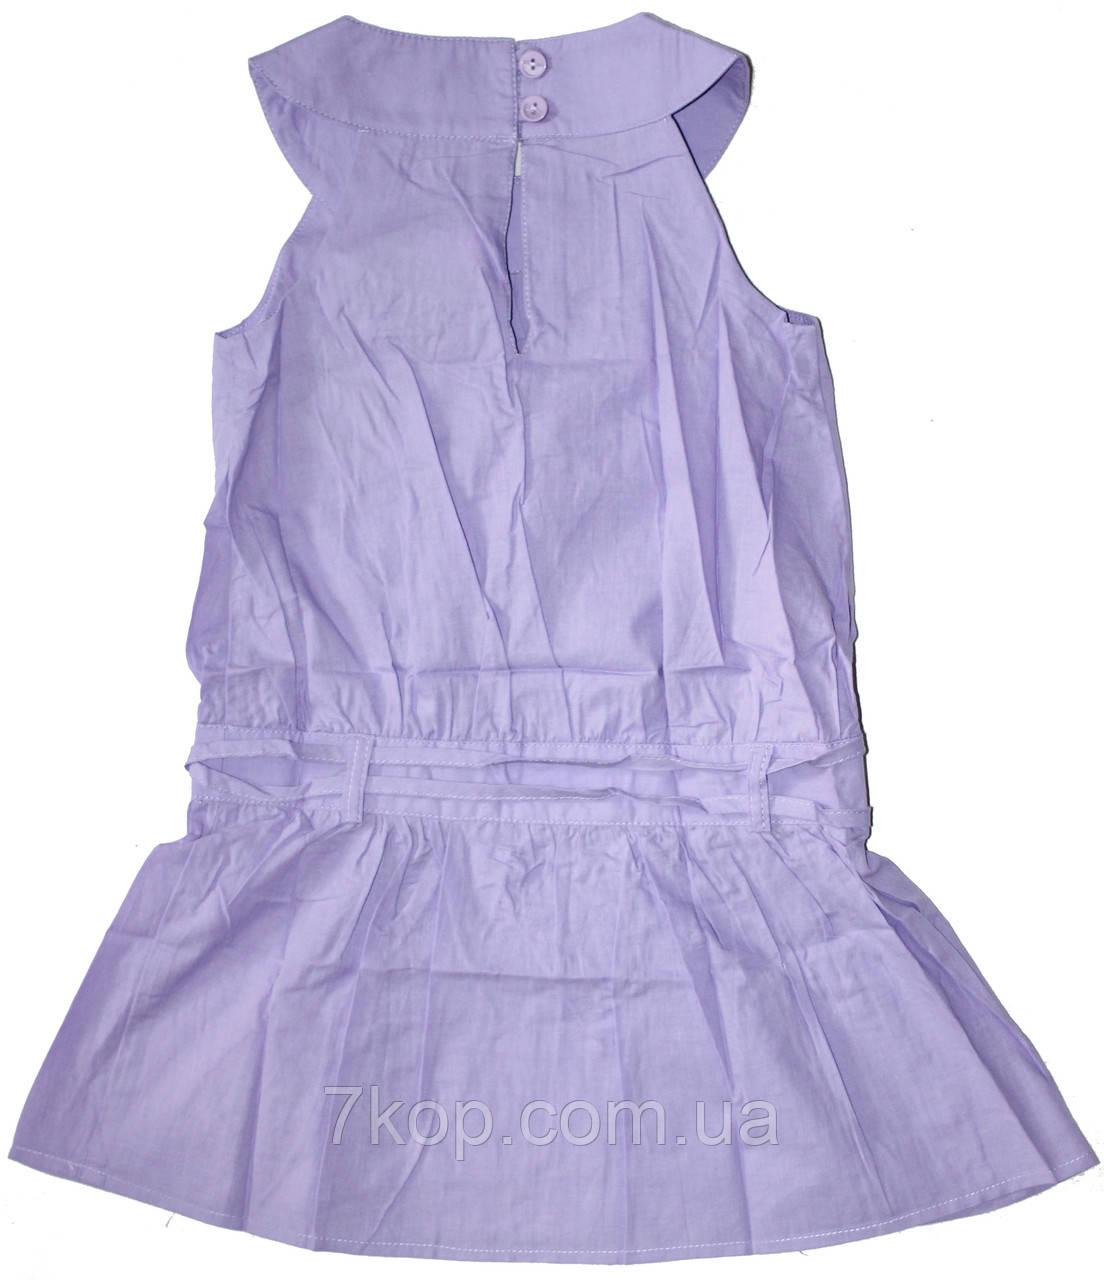 Платья на девочек рост 110